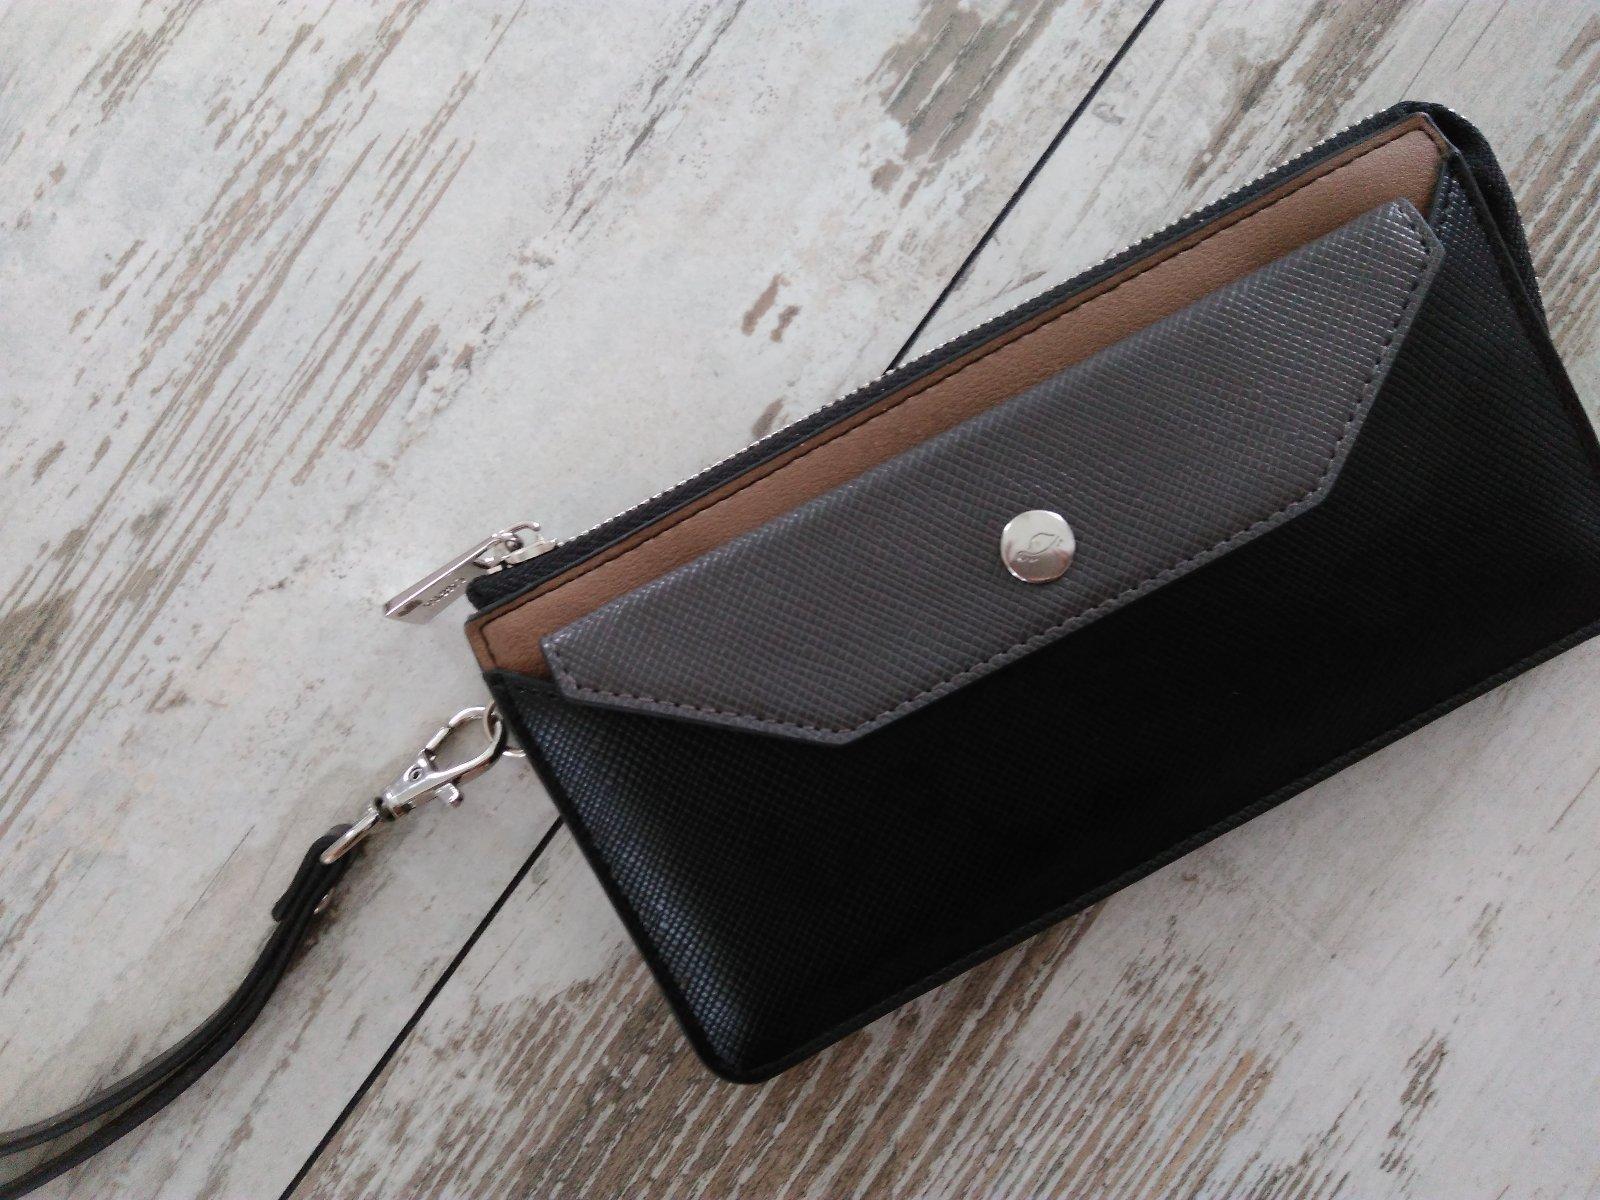 e6382dc52577b Peňaženka/mala kabelka carpisa, - 10 € od predávajúcej santafe | Detský  bazár | ModryKonik.sk